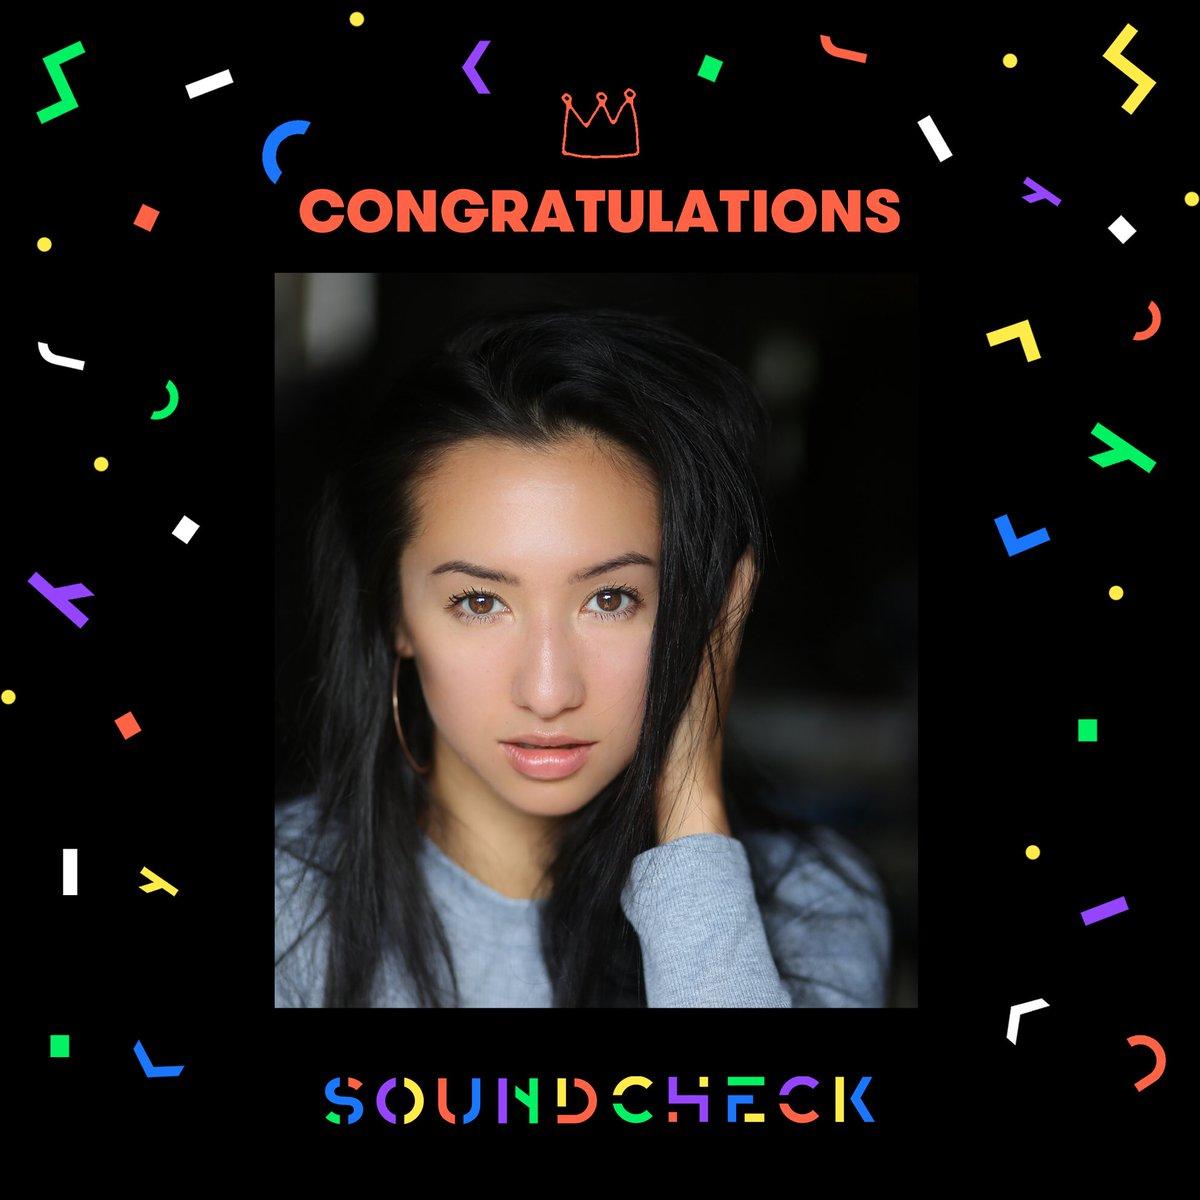 第2回SOUNDCHECK CONTESTの優勝者は @shalaeuroasia 🔥今回も沢山のエントリーありがとうございました、そしてSHALAちゃんおめでとうございます🙋♀️💛詳細はブログにてチェック👀 https://t.co/ew56FcvQtT #soundcheckcontest #soundcheckjp #shala https://t.co/l2EWkQhR74